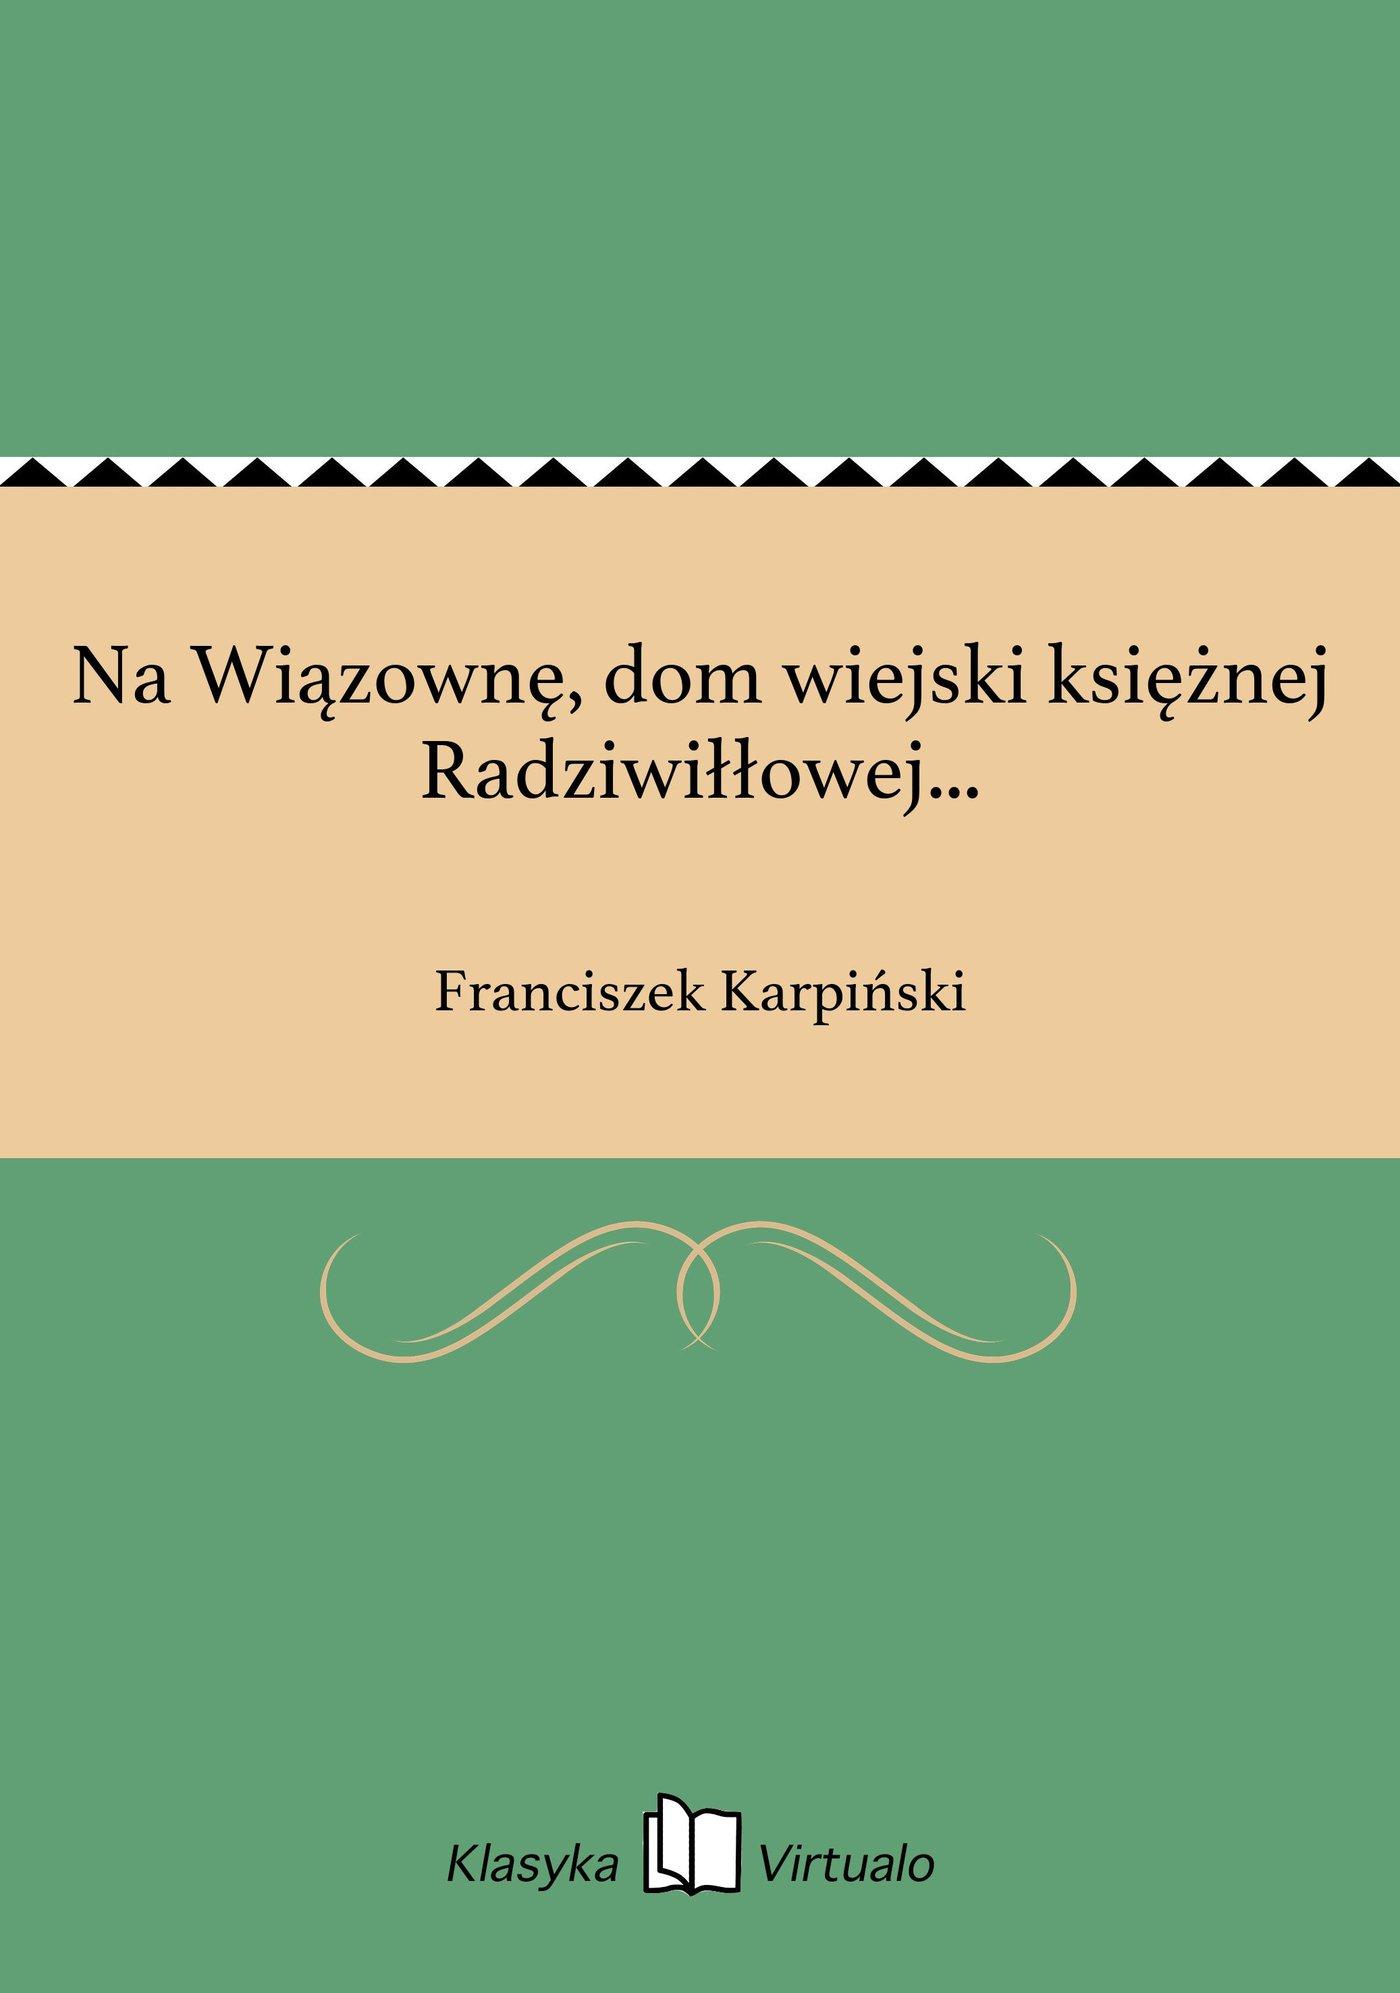 Na Wiązownę, dom wiejski księżnej Radziwiłłowej... - Ebook (Książka EPUB) do pobrania w formacie EPUB